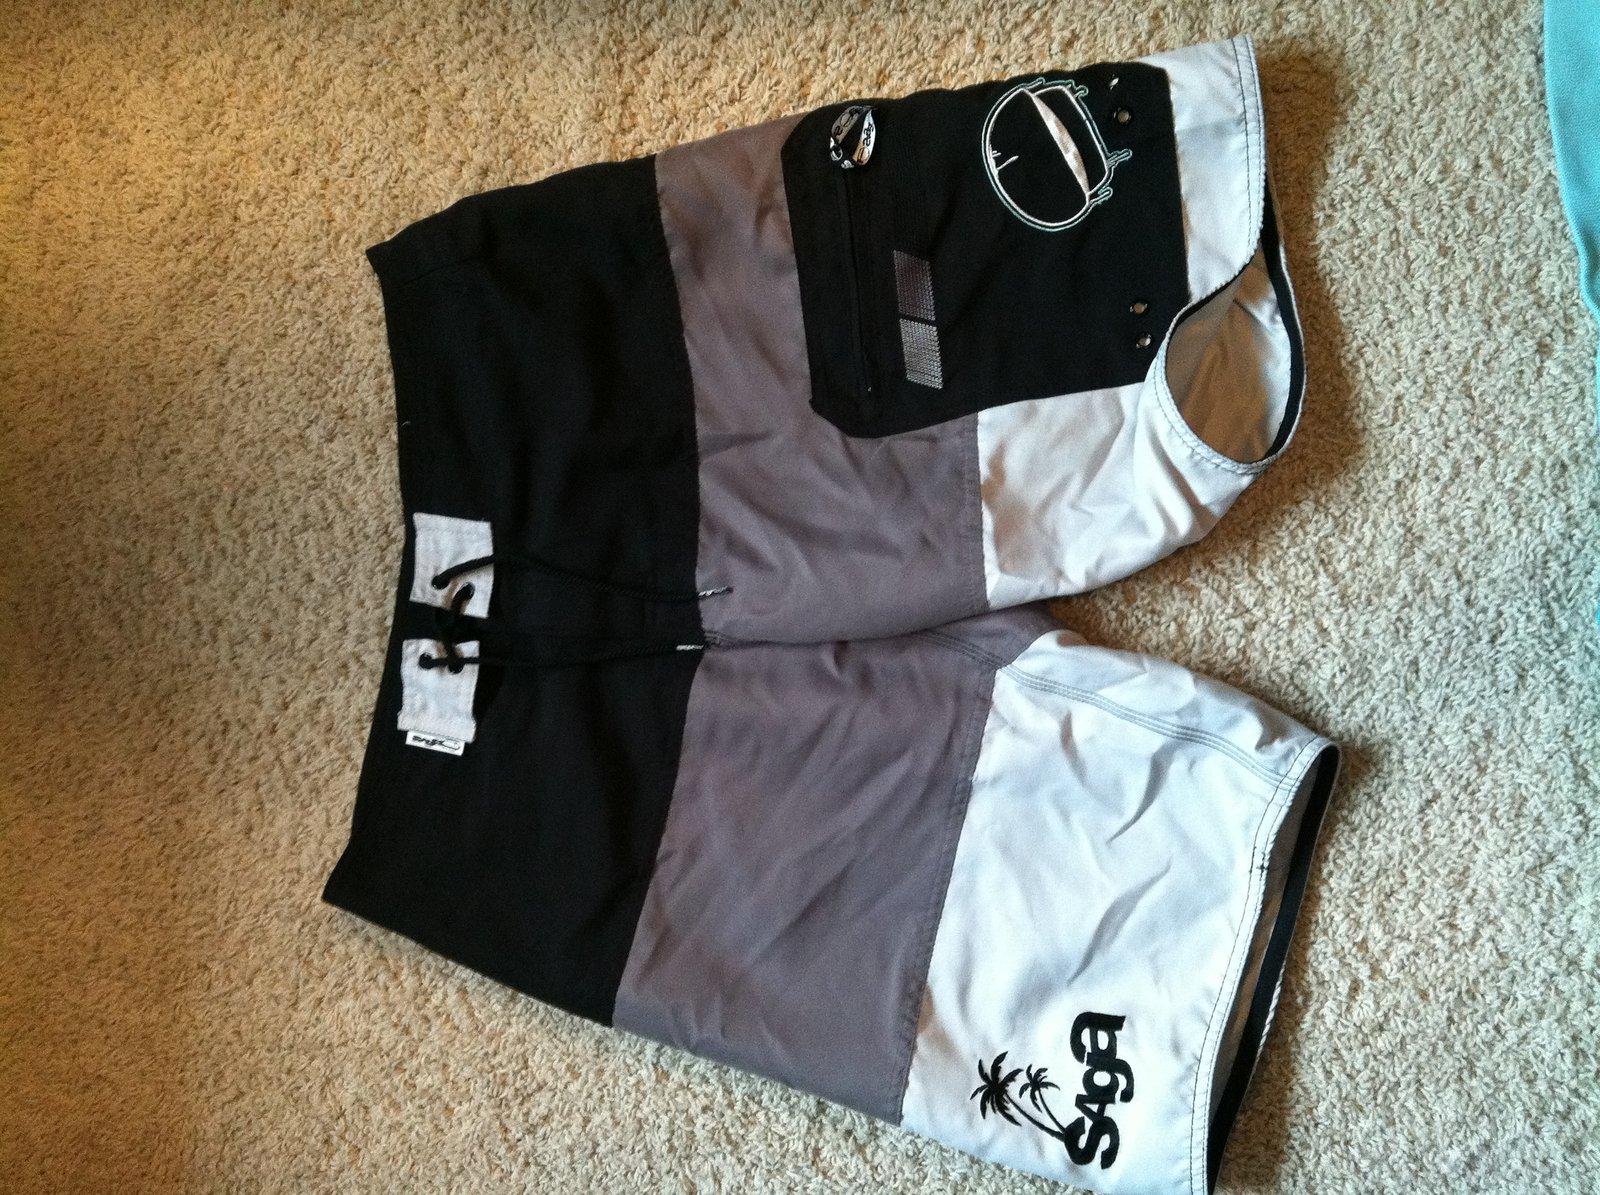 Saga Shorts 32 10/10 never worn